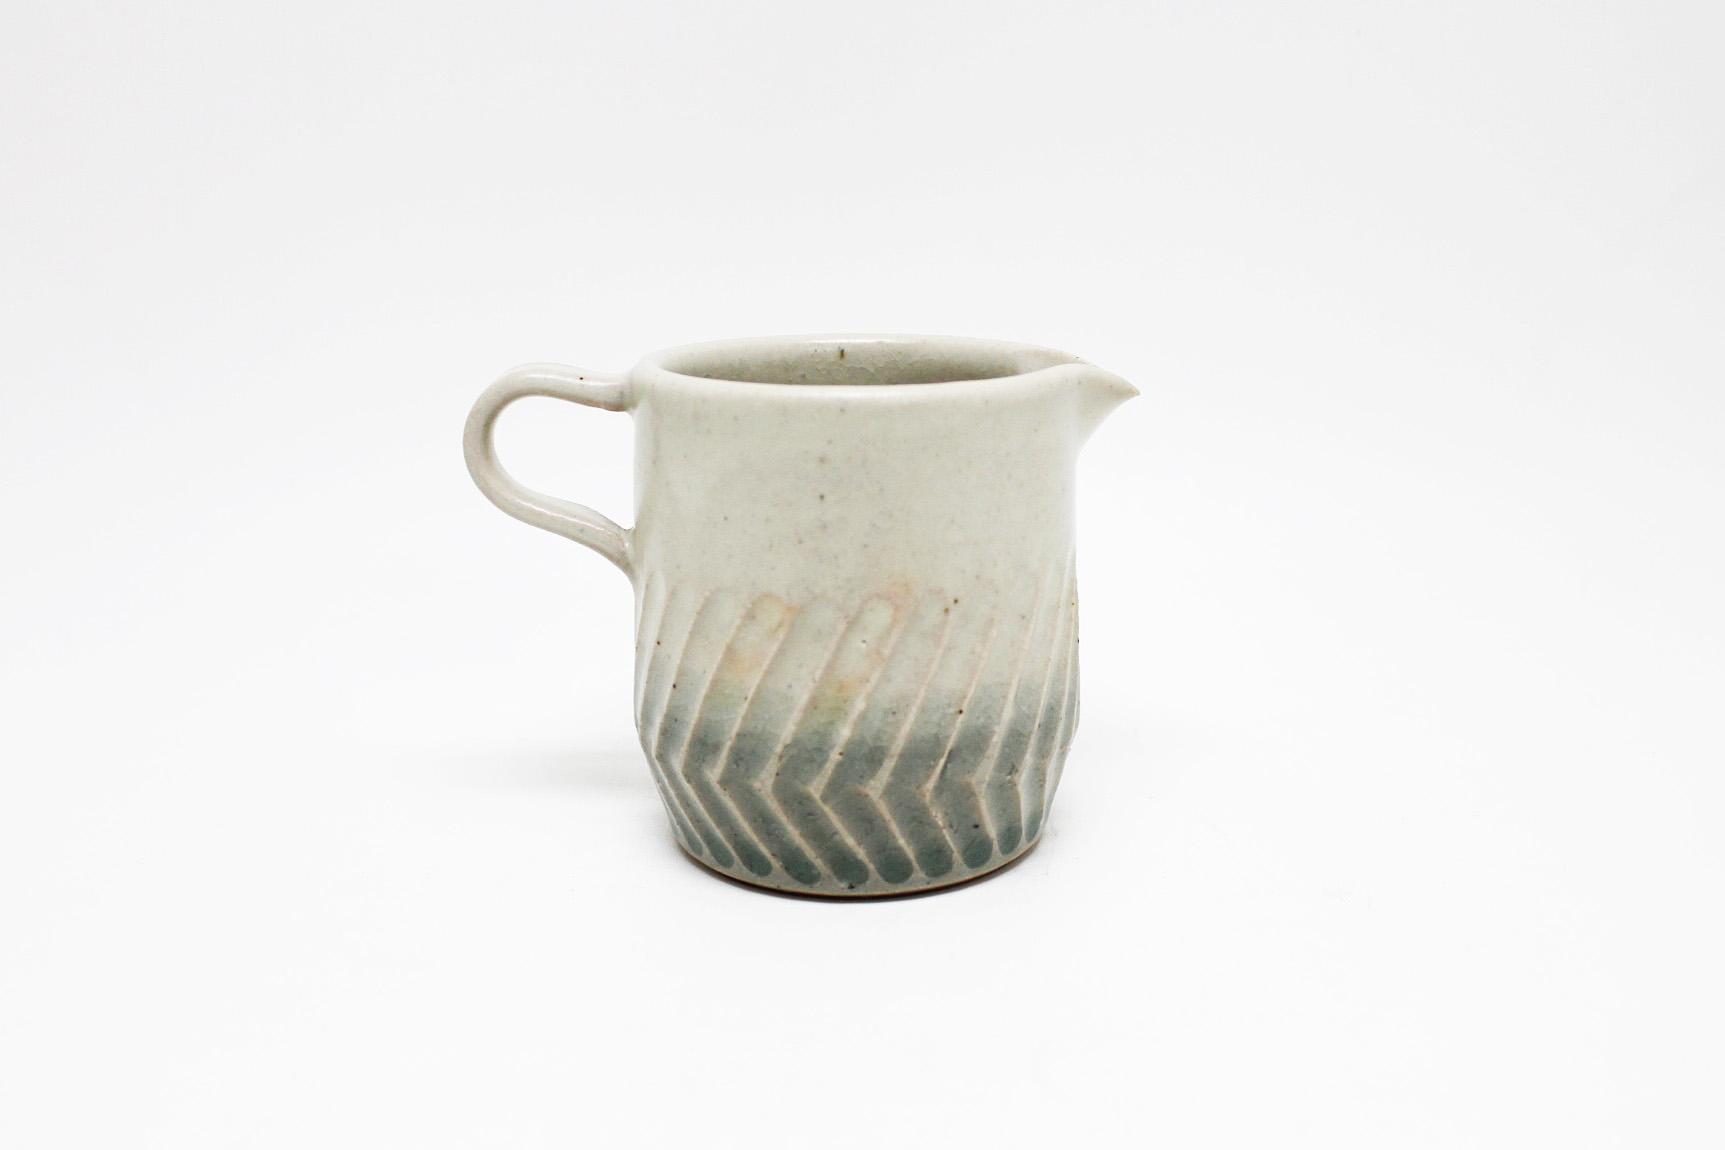 画像1: Mishin pottery creation  「soak」 ミルクピッチャー (1)